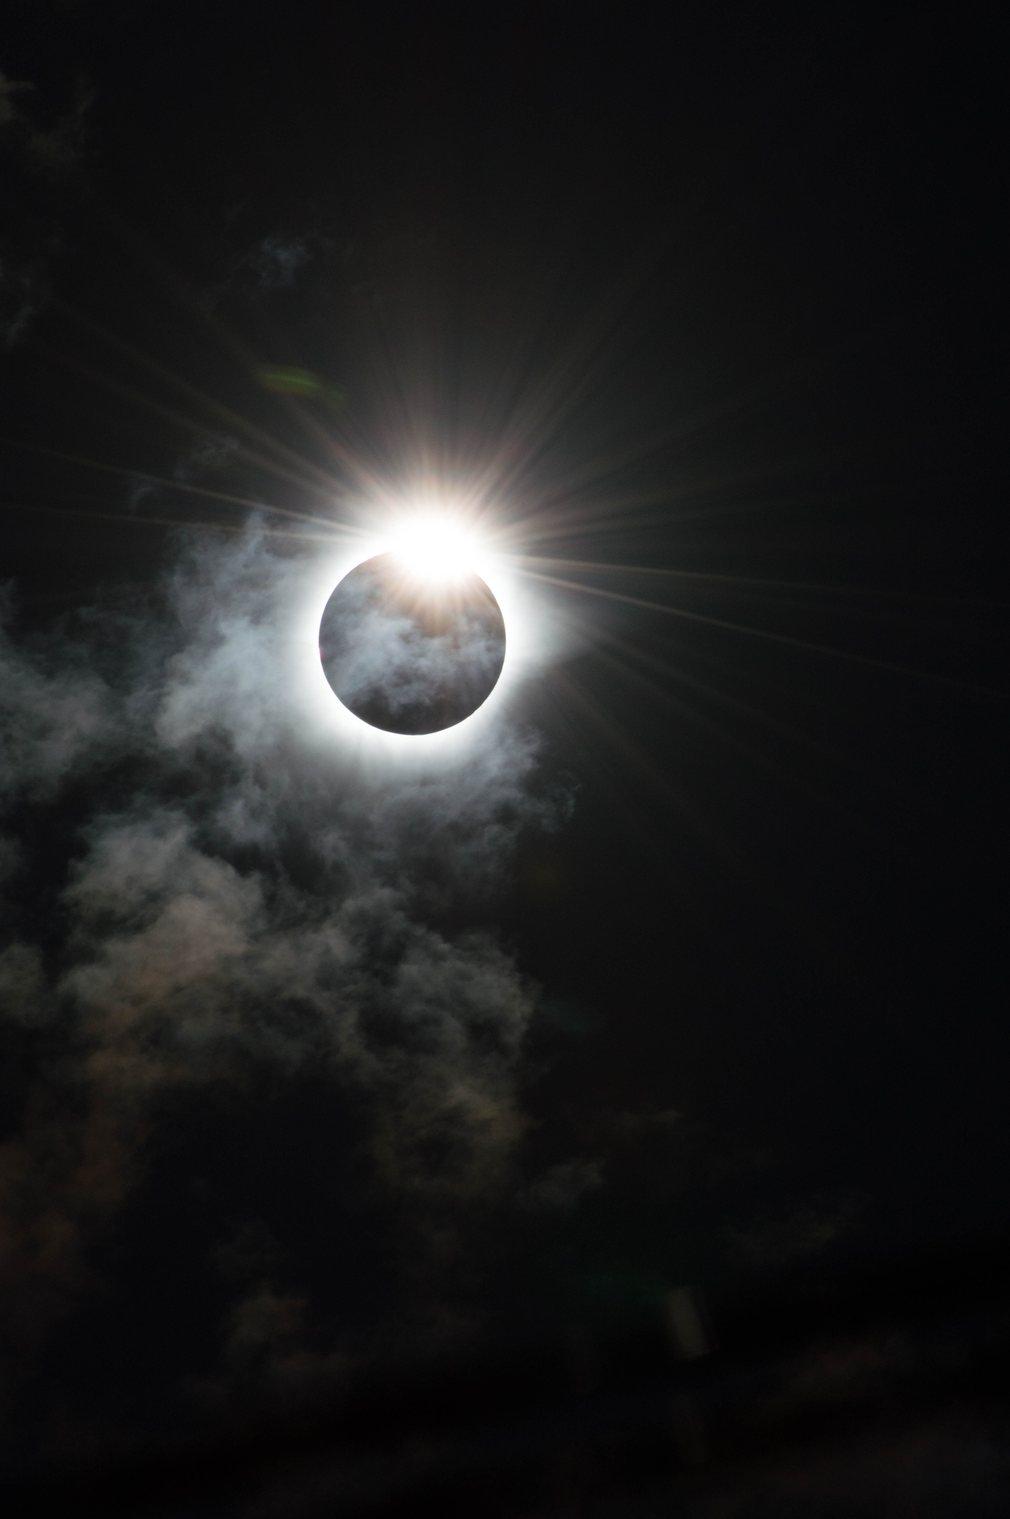 16. Мелани Торн (Великобритания) - Бриллиантовое кольцо. Солнечное затмение 9-го марта 2016 года в Индонезии.